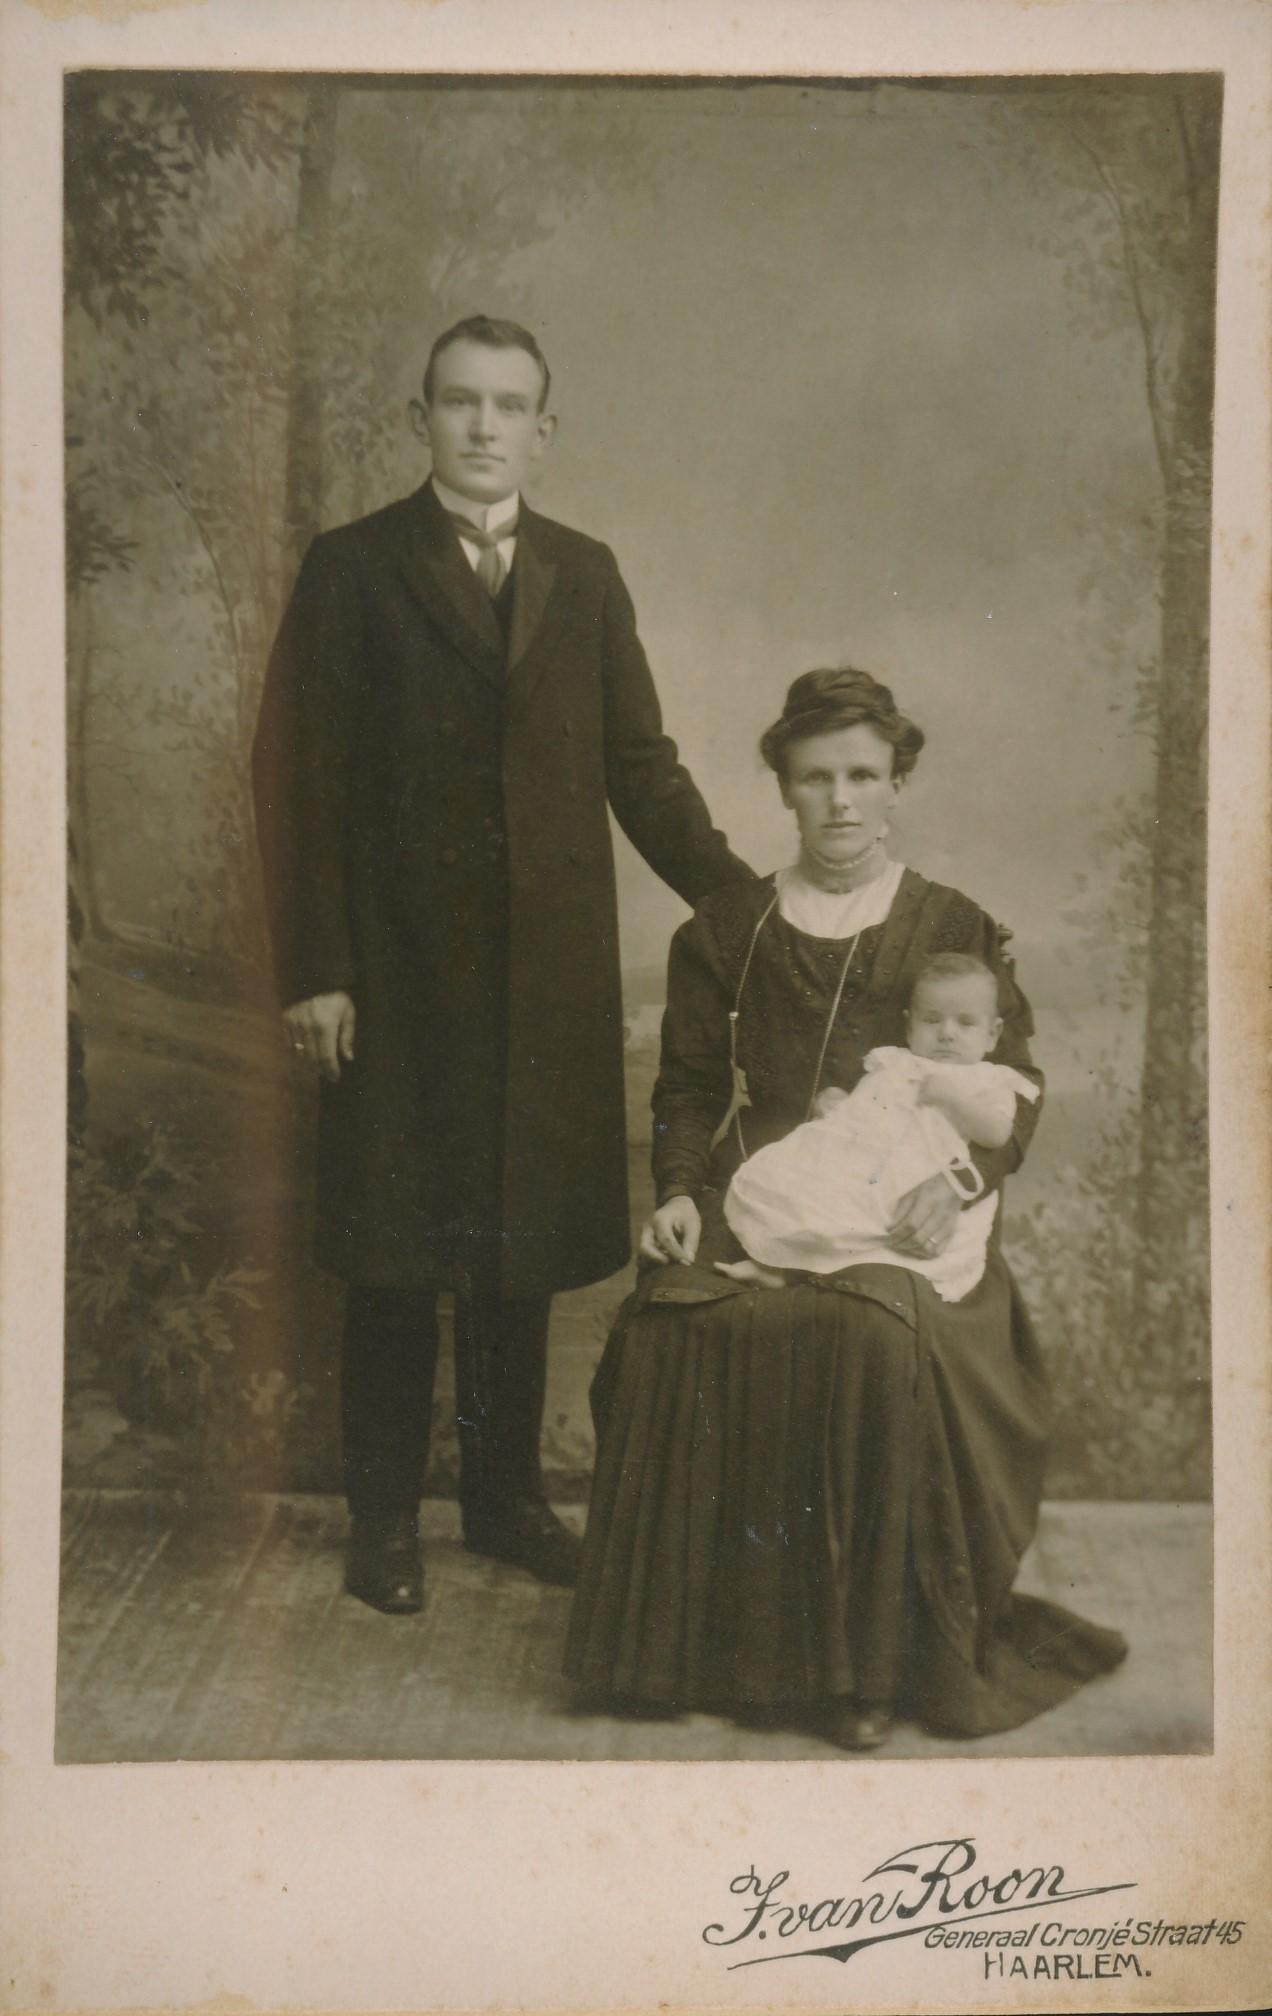 Fotoalbum Andre Kamsma, 118, Roelof Martinus Bezum en Tjitske Andries Kamsma, berne yn Easterwierrrum, (14-02-1885 tot 31-10-1967), 27-05-1911